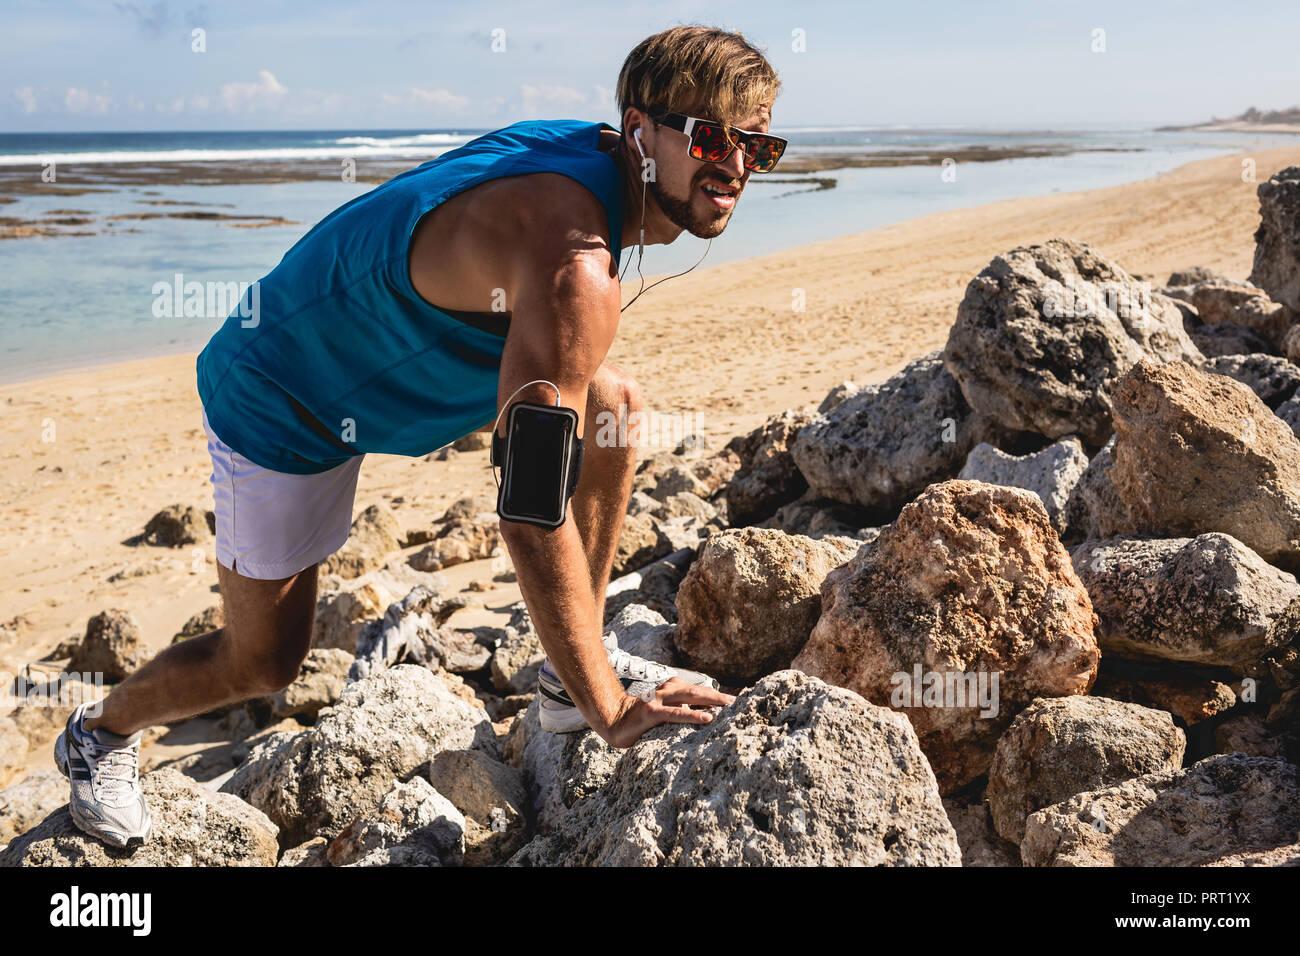 Athletic uomo con fascia da braccio arrampicata sulle rocce sulla spiaggia, Bali, Indonesia Immagini Stock